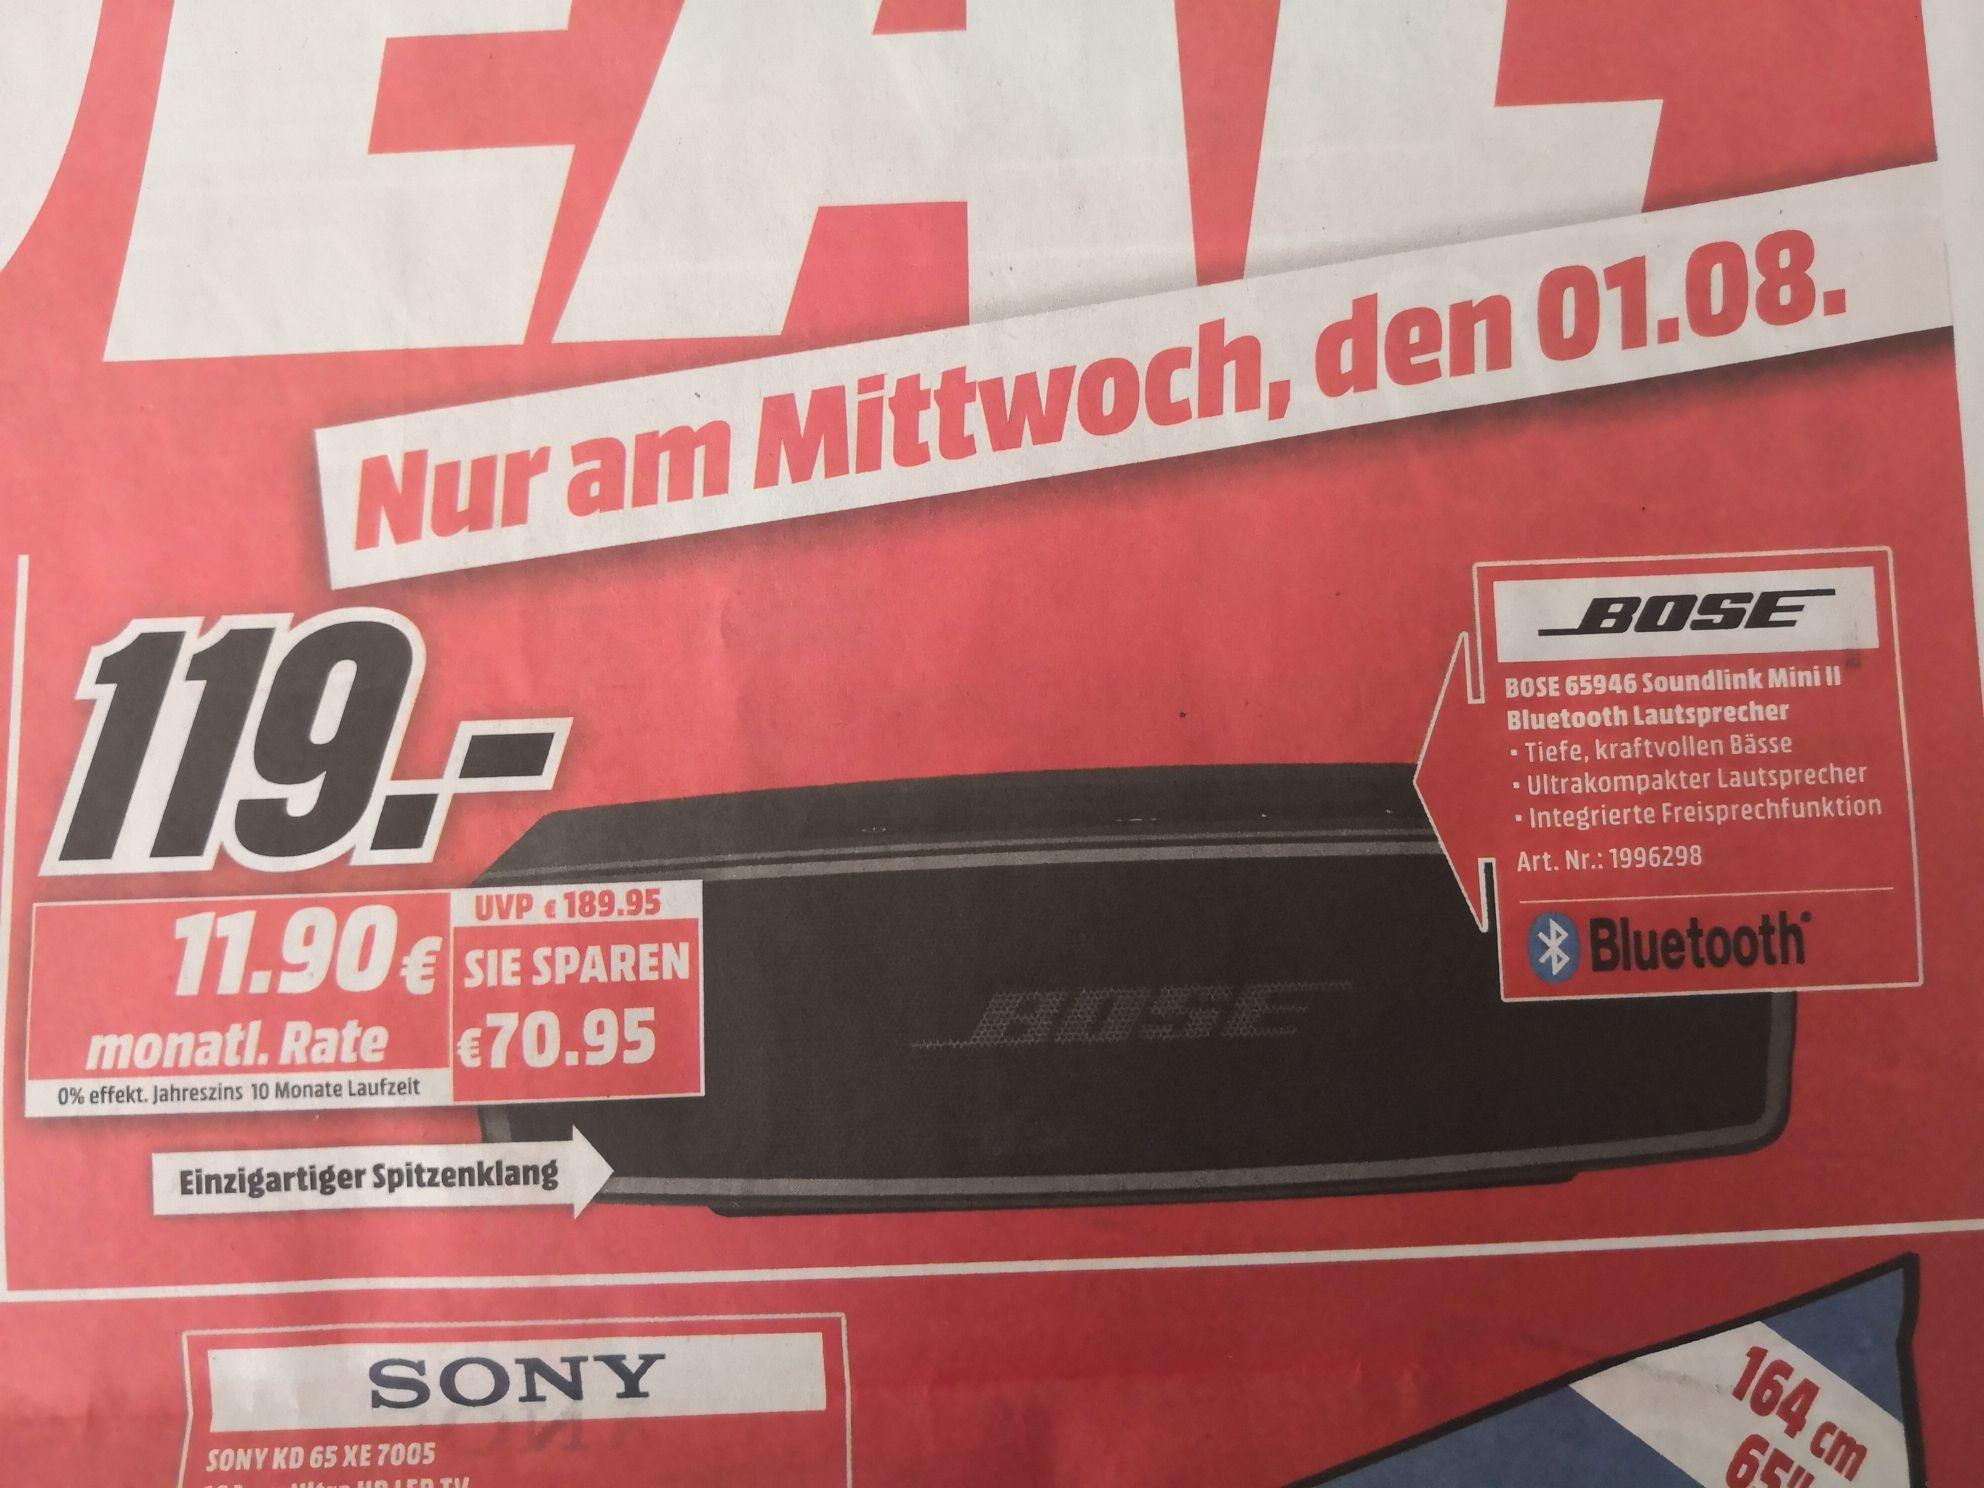 [Lokal MM Essen] Bose Soundlink Mini 2 für 119€